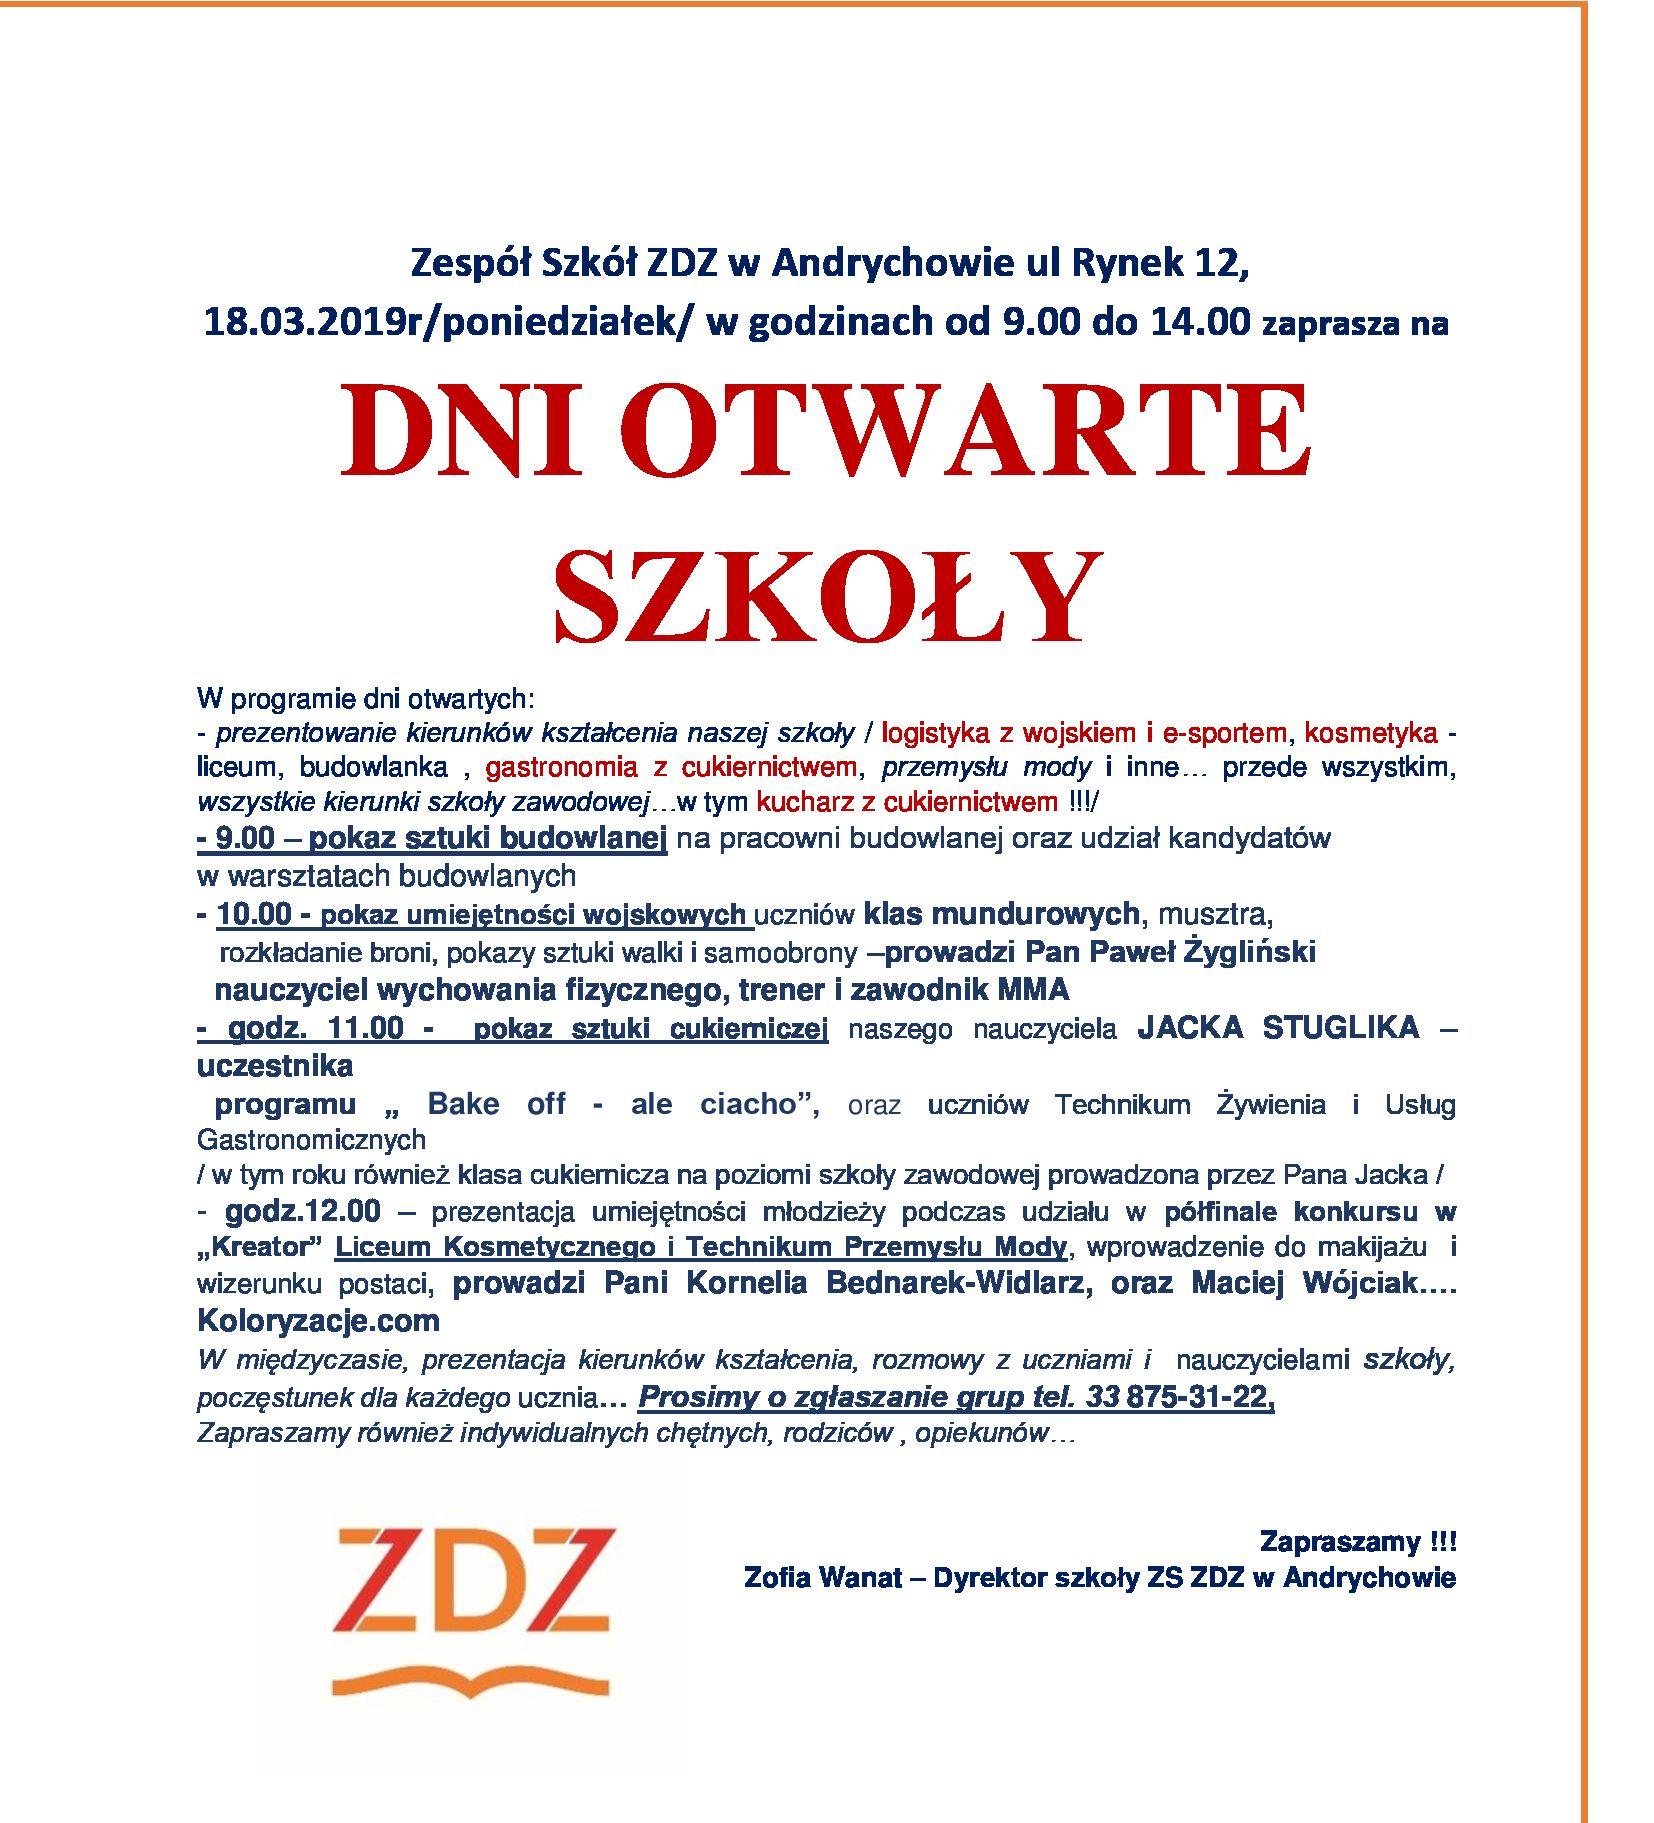 Zespół Szkół ZDZ Andrychów i ZDZ Wadowice zapraszają na Dni Otwarte